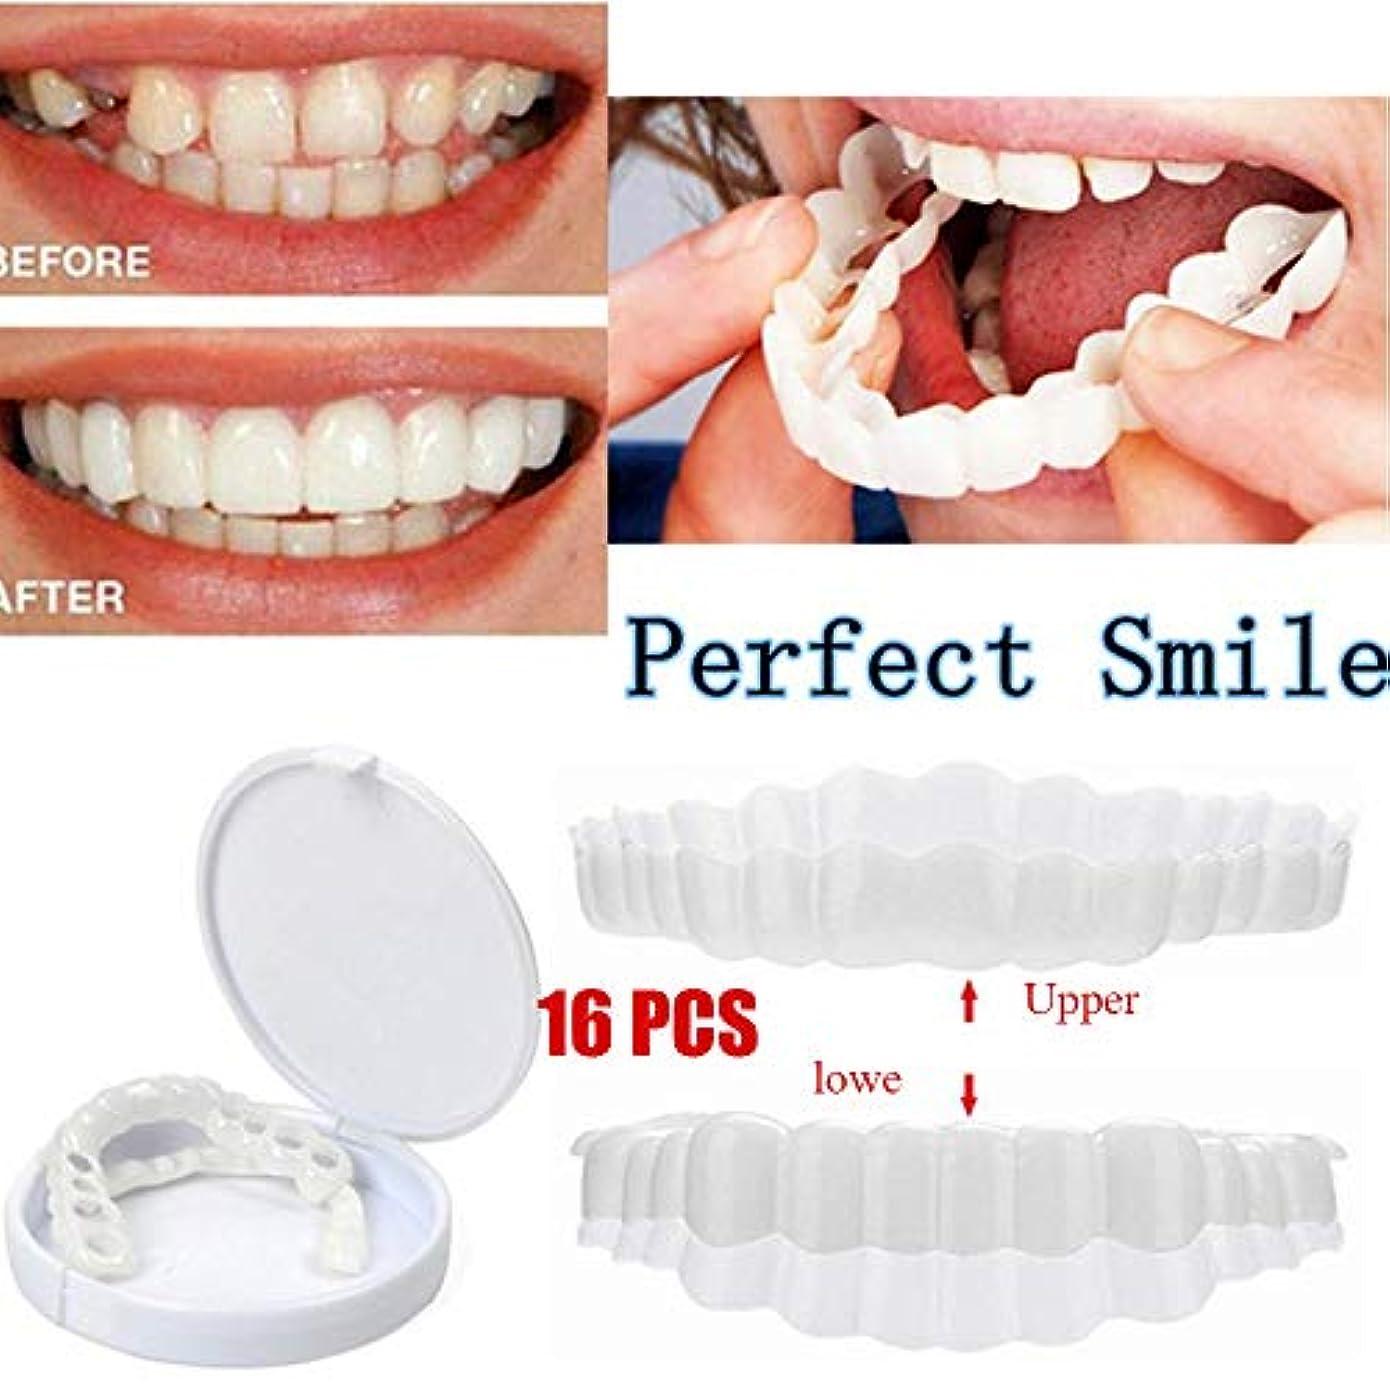 運賃包括的ゲスト義歯のスマイルホワイトニングと弾性ケアに最適な、大人用の新しい上下の義歯16個の再使用可能なPCS(上部+下部)